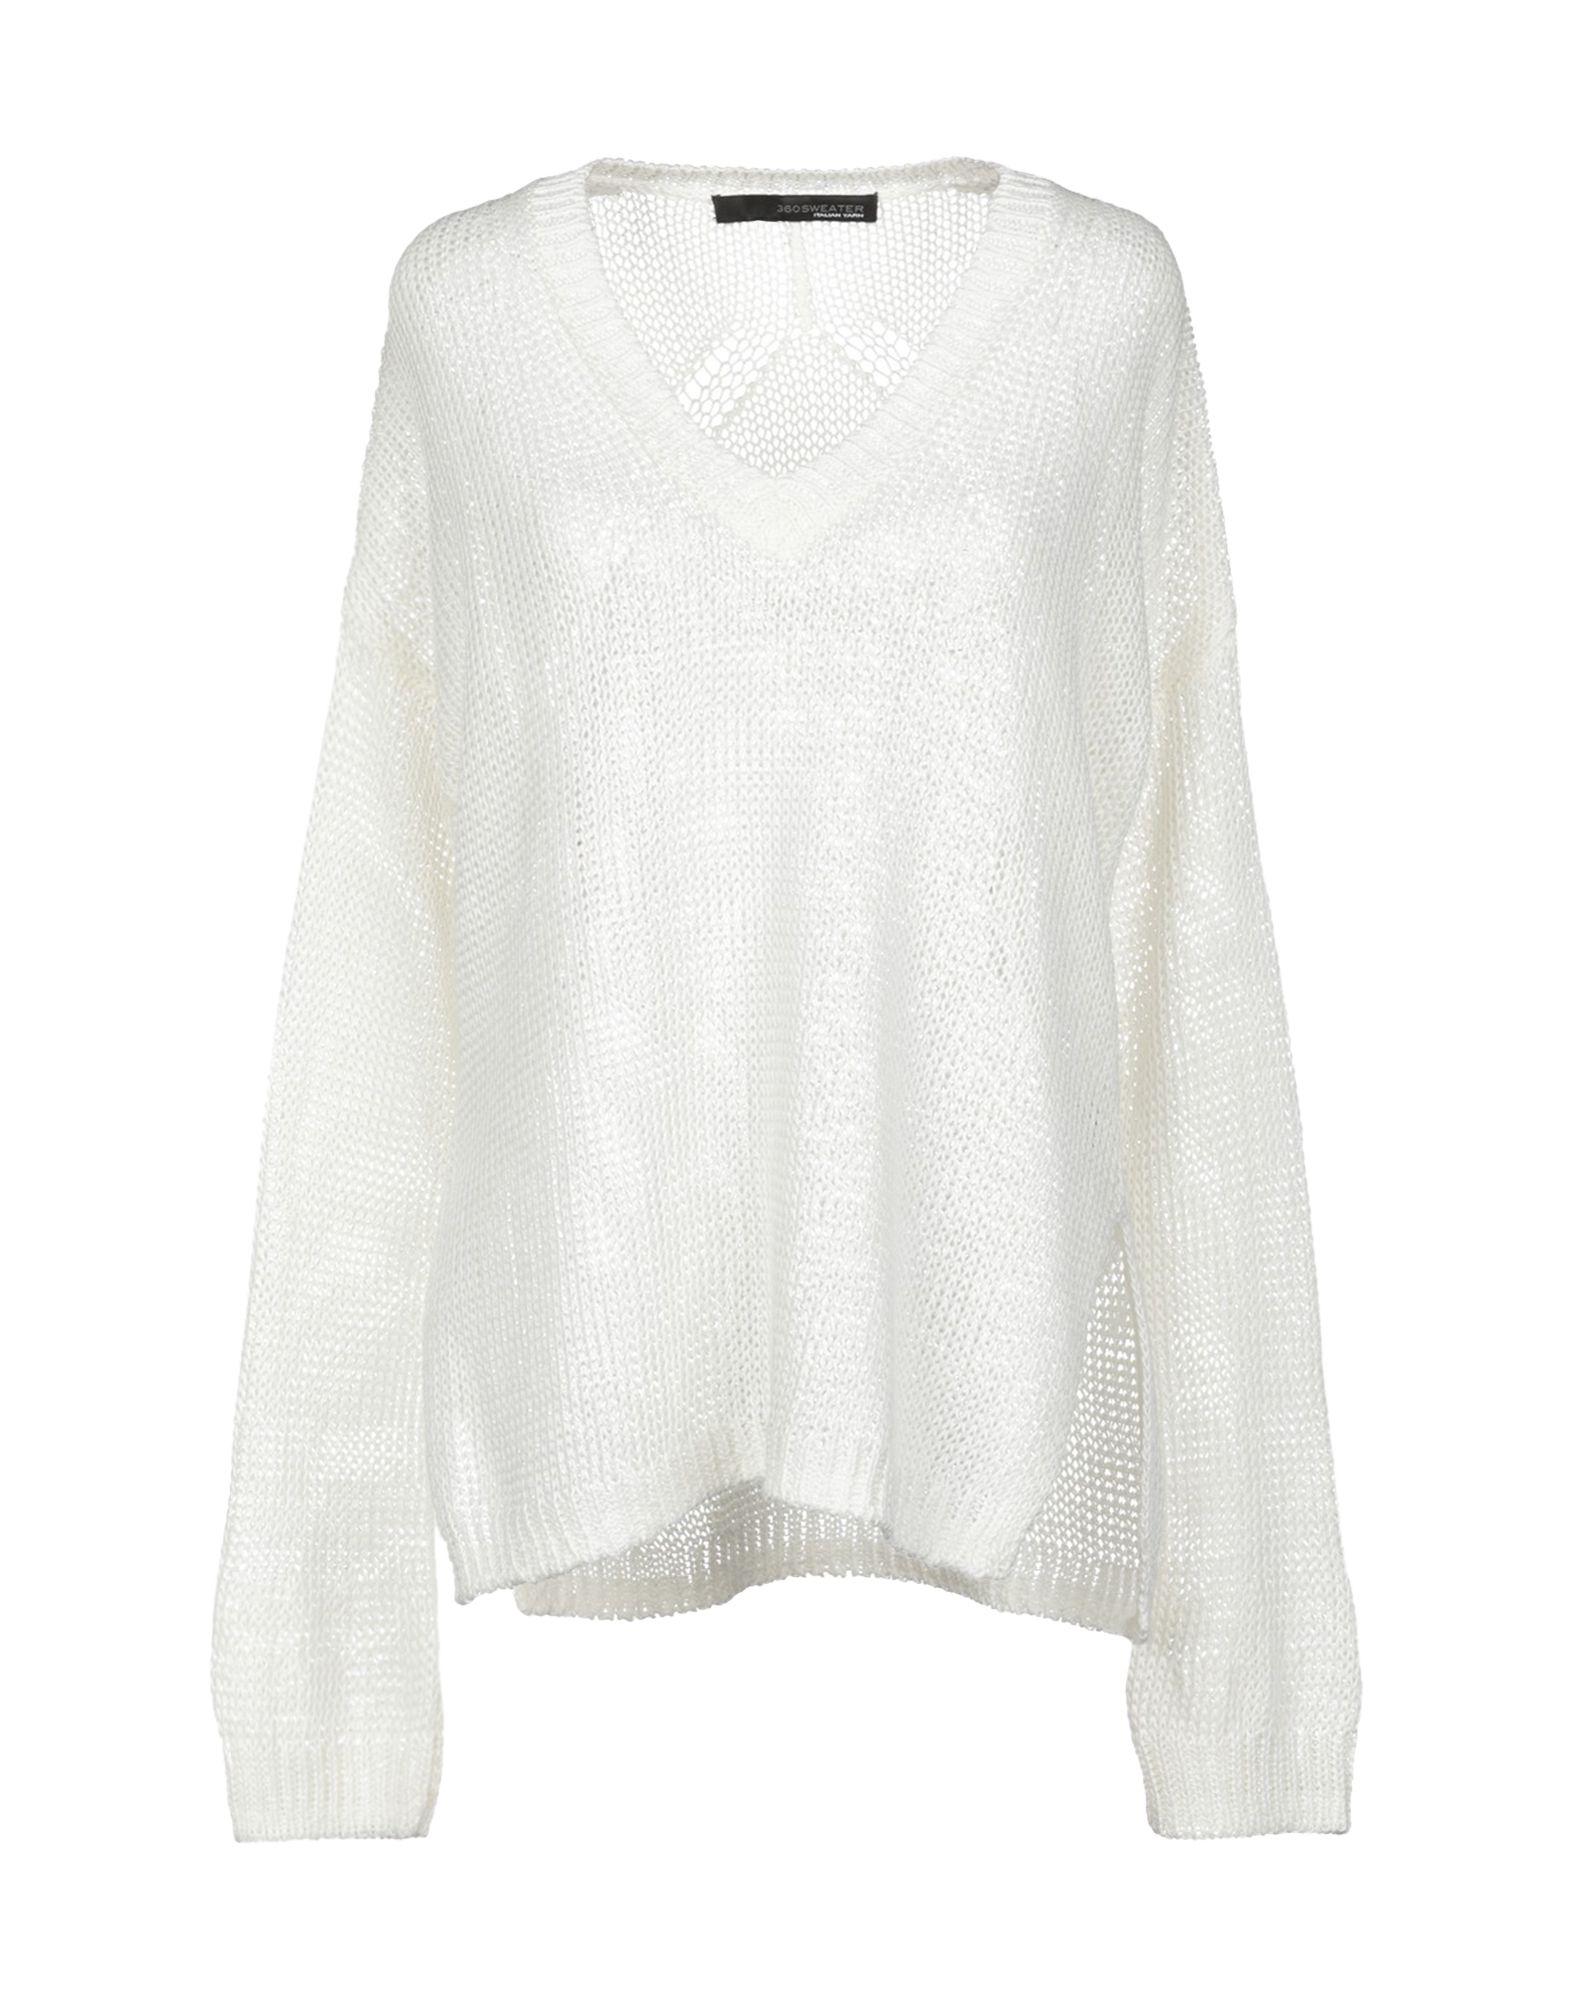 Pul r 360Sweater donna - - 39903667CH  präsentiert die neuesten High Street Fashion